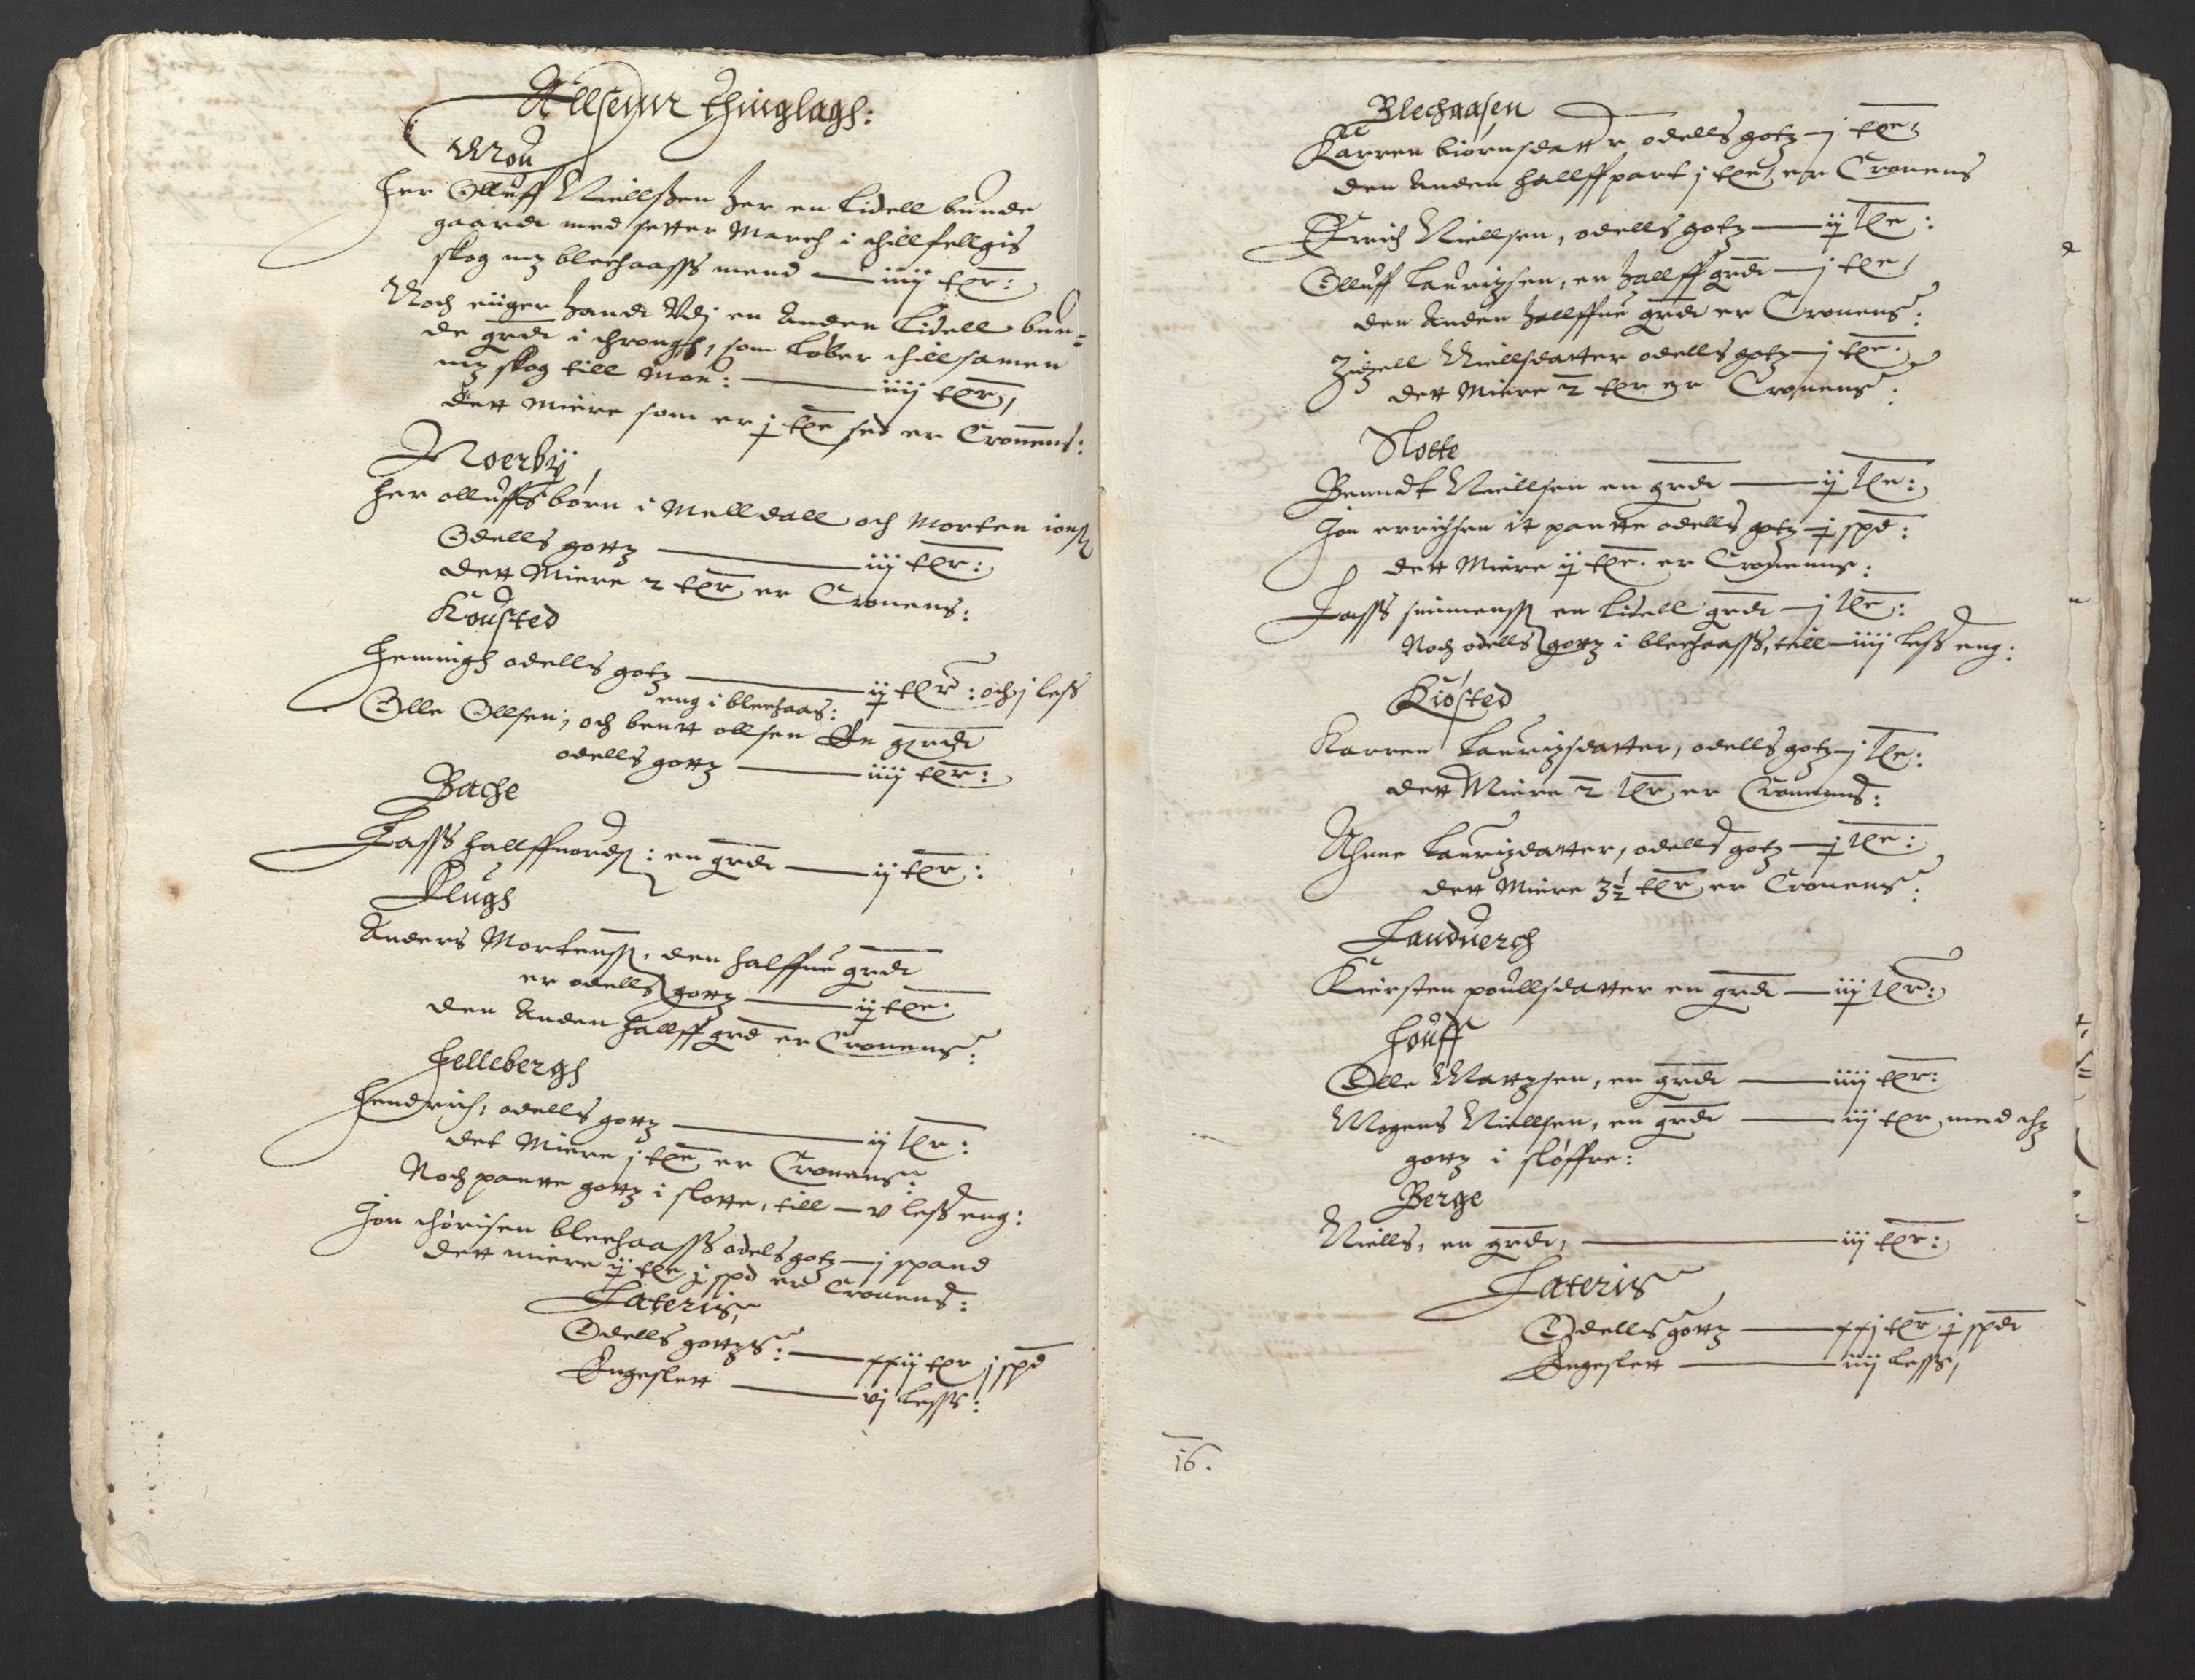 RA, Stattholderembetet 1572-1771, Ek/L0013: Jordebøker til utlikning av rosstjeneste 1624-1626:, 1624-1625, s. 111